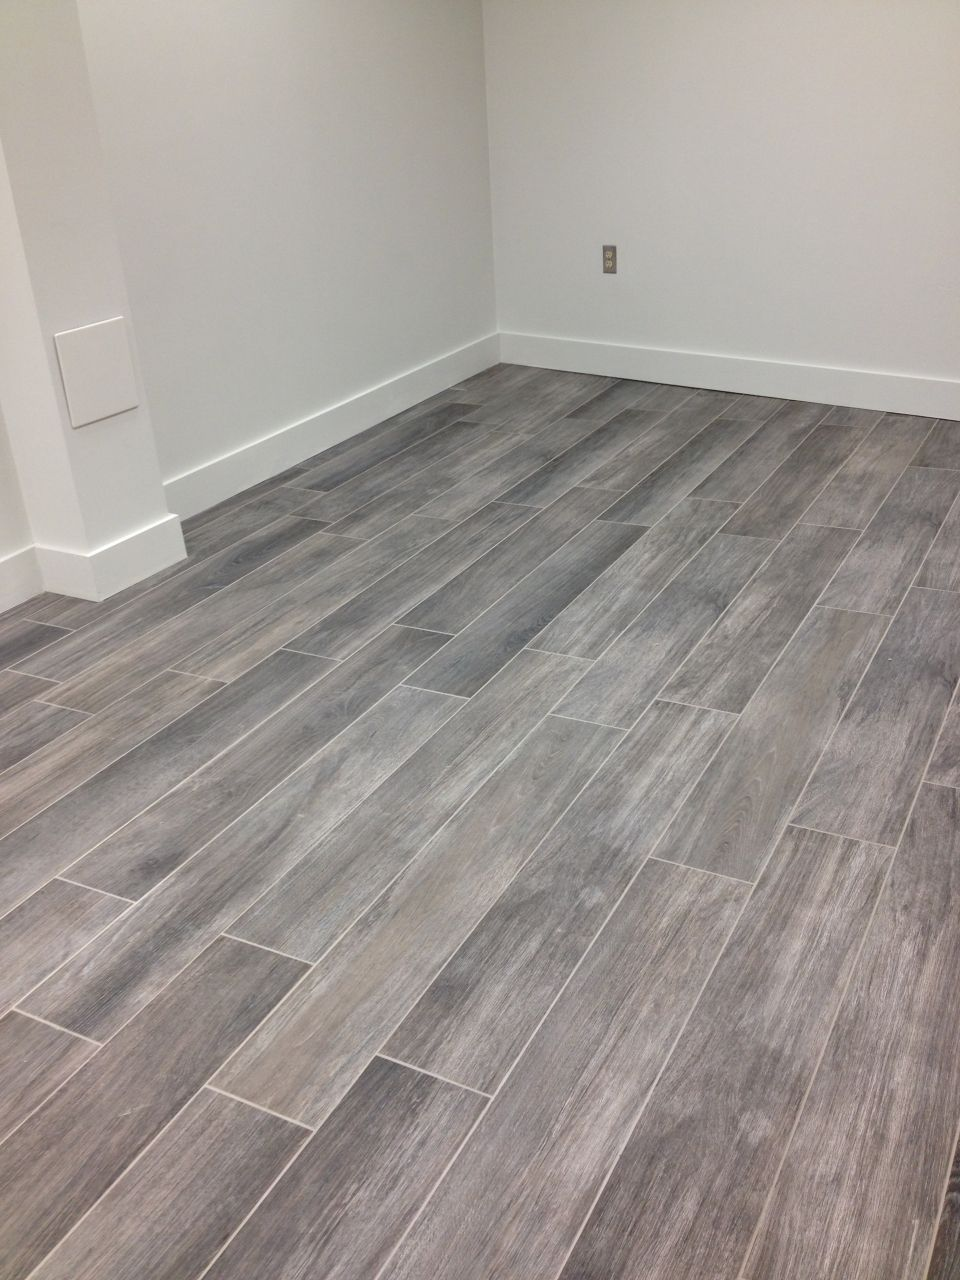 gray wood tile floor nO3lcD6n8 | Homes | Pinterest | Wood ...